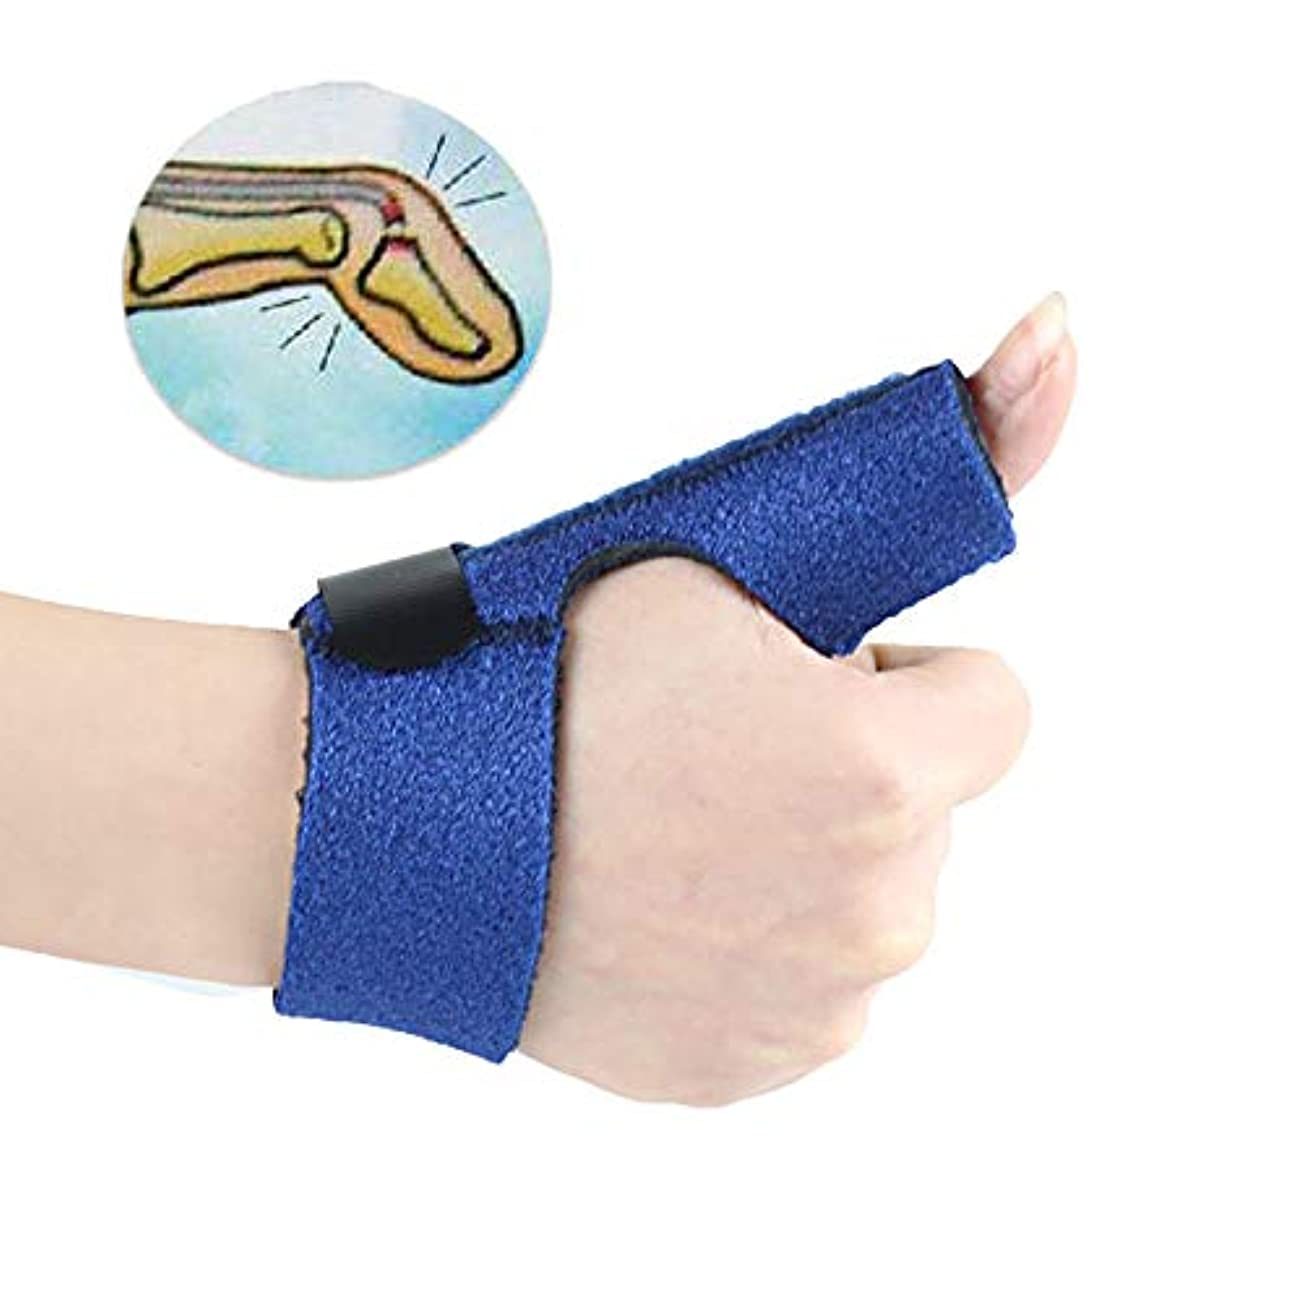 女性さわやか数トリガーフィンガースプリント調整可能なプロテクターフィンガーサポートブレーススプリント、指の痛みを軽減するための内蔵アルミニウムサポート